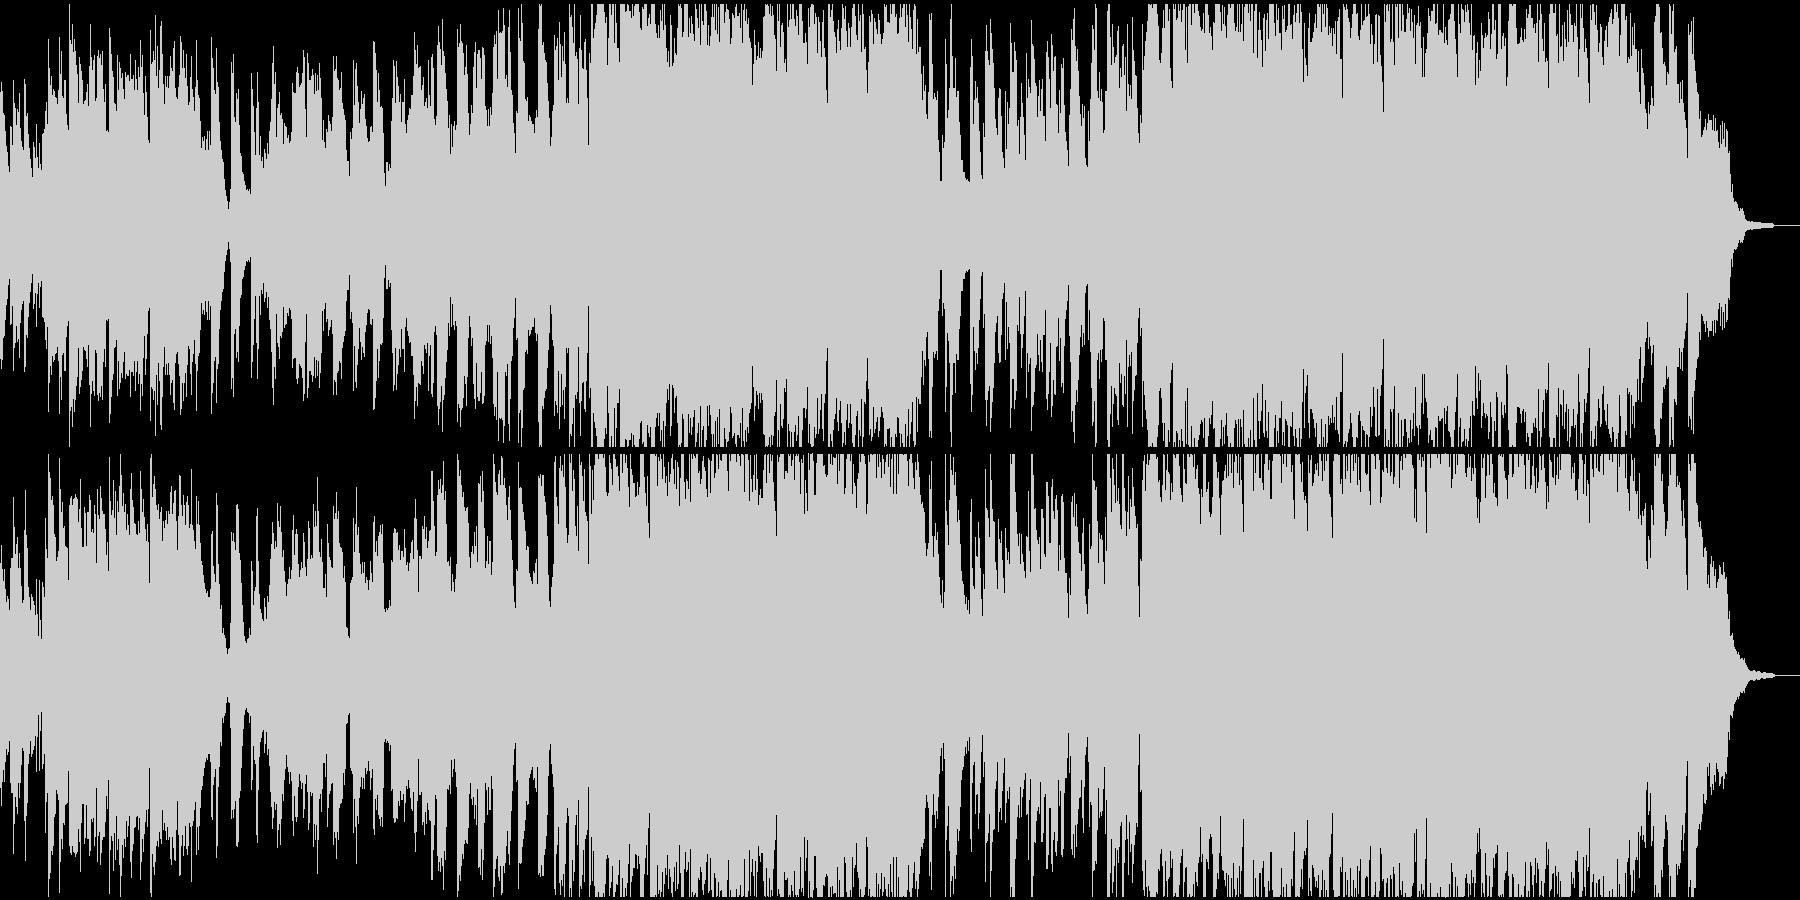 ケーナ生演奏 儚い花のイメージの笛の音楽の未再生の波形